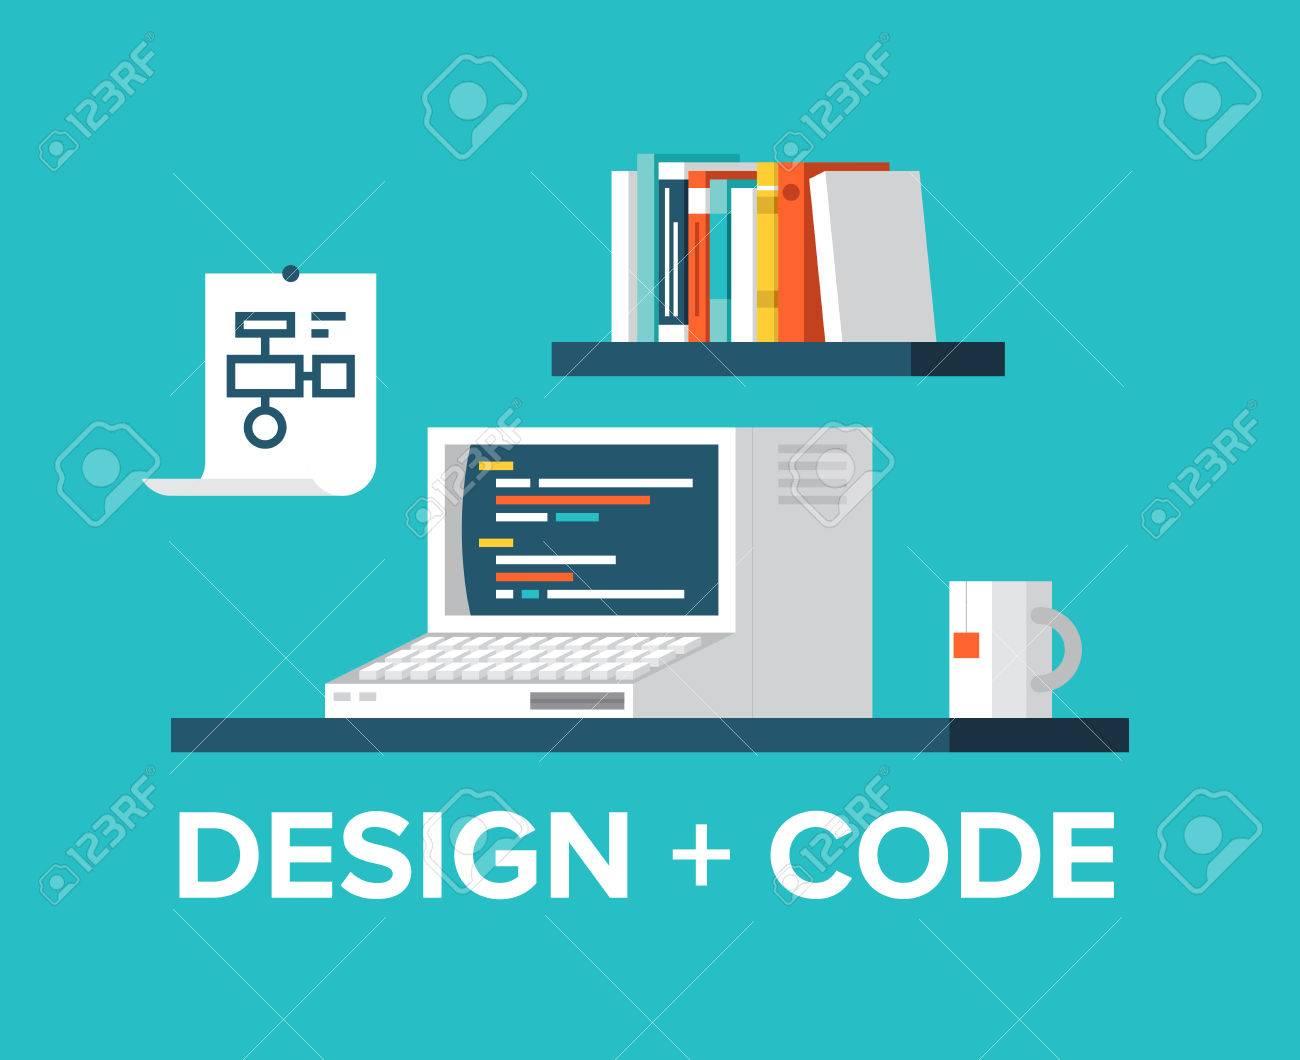 Style Design Plat Illustration Vectorielle Moderne Concept De Lieu De  Travail De Bureau Avec Rétro Ordinateur, Code De Programmation Sur Un  écran, ... b01b0f6a4680